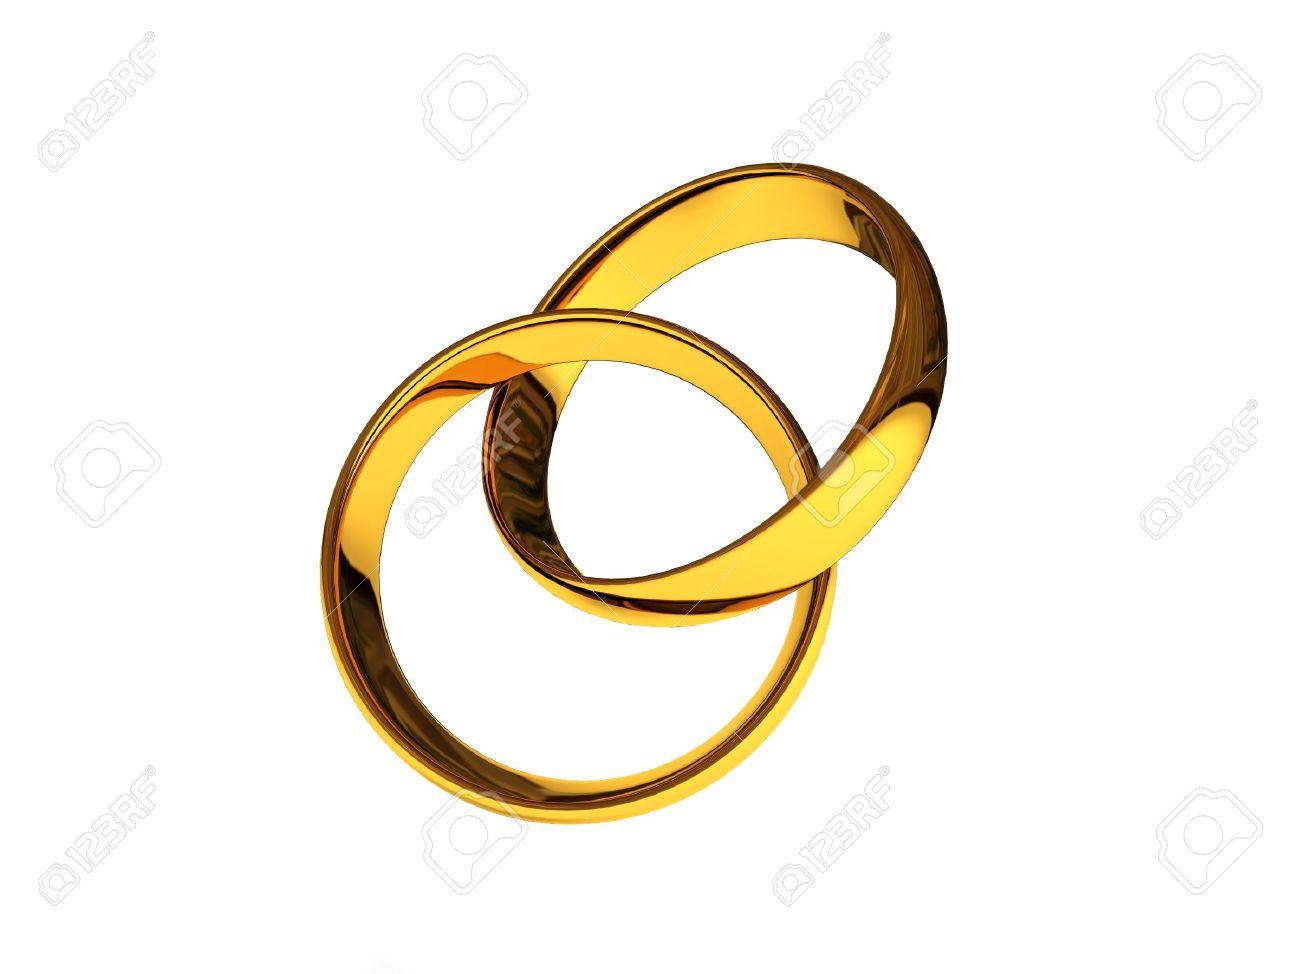 Hochzeit Ringe Symbol Schwarz Weiß  Ringe hochzeit symbol clipart 2 Clipart Station